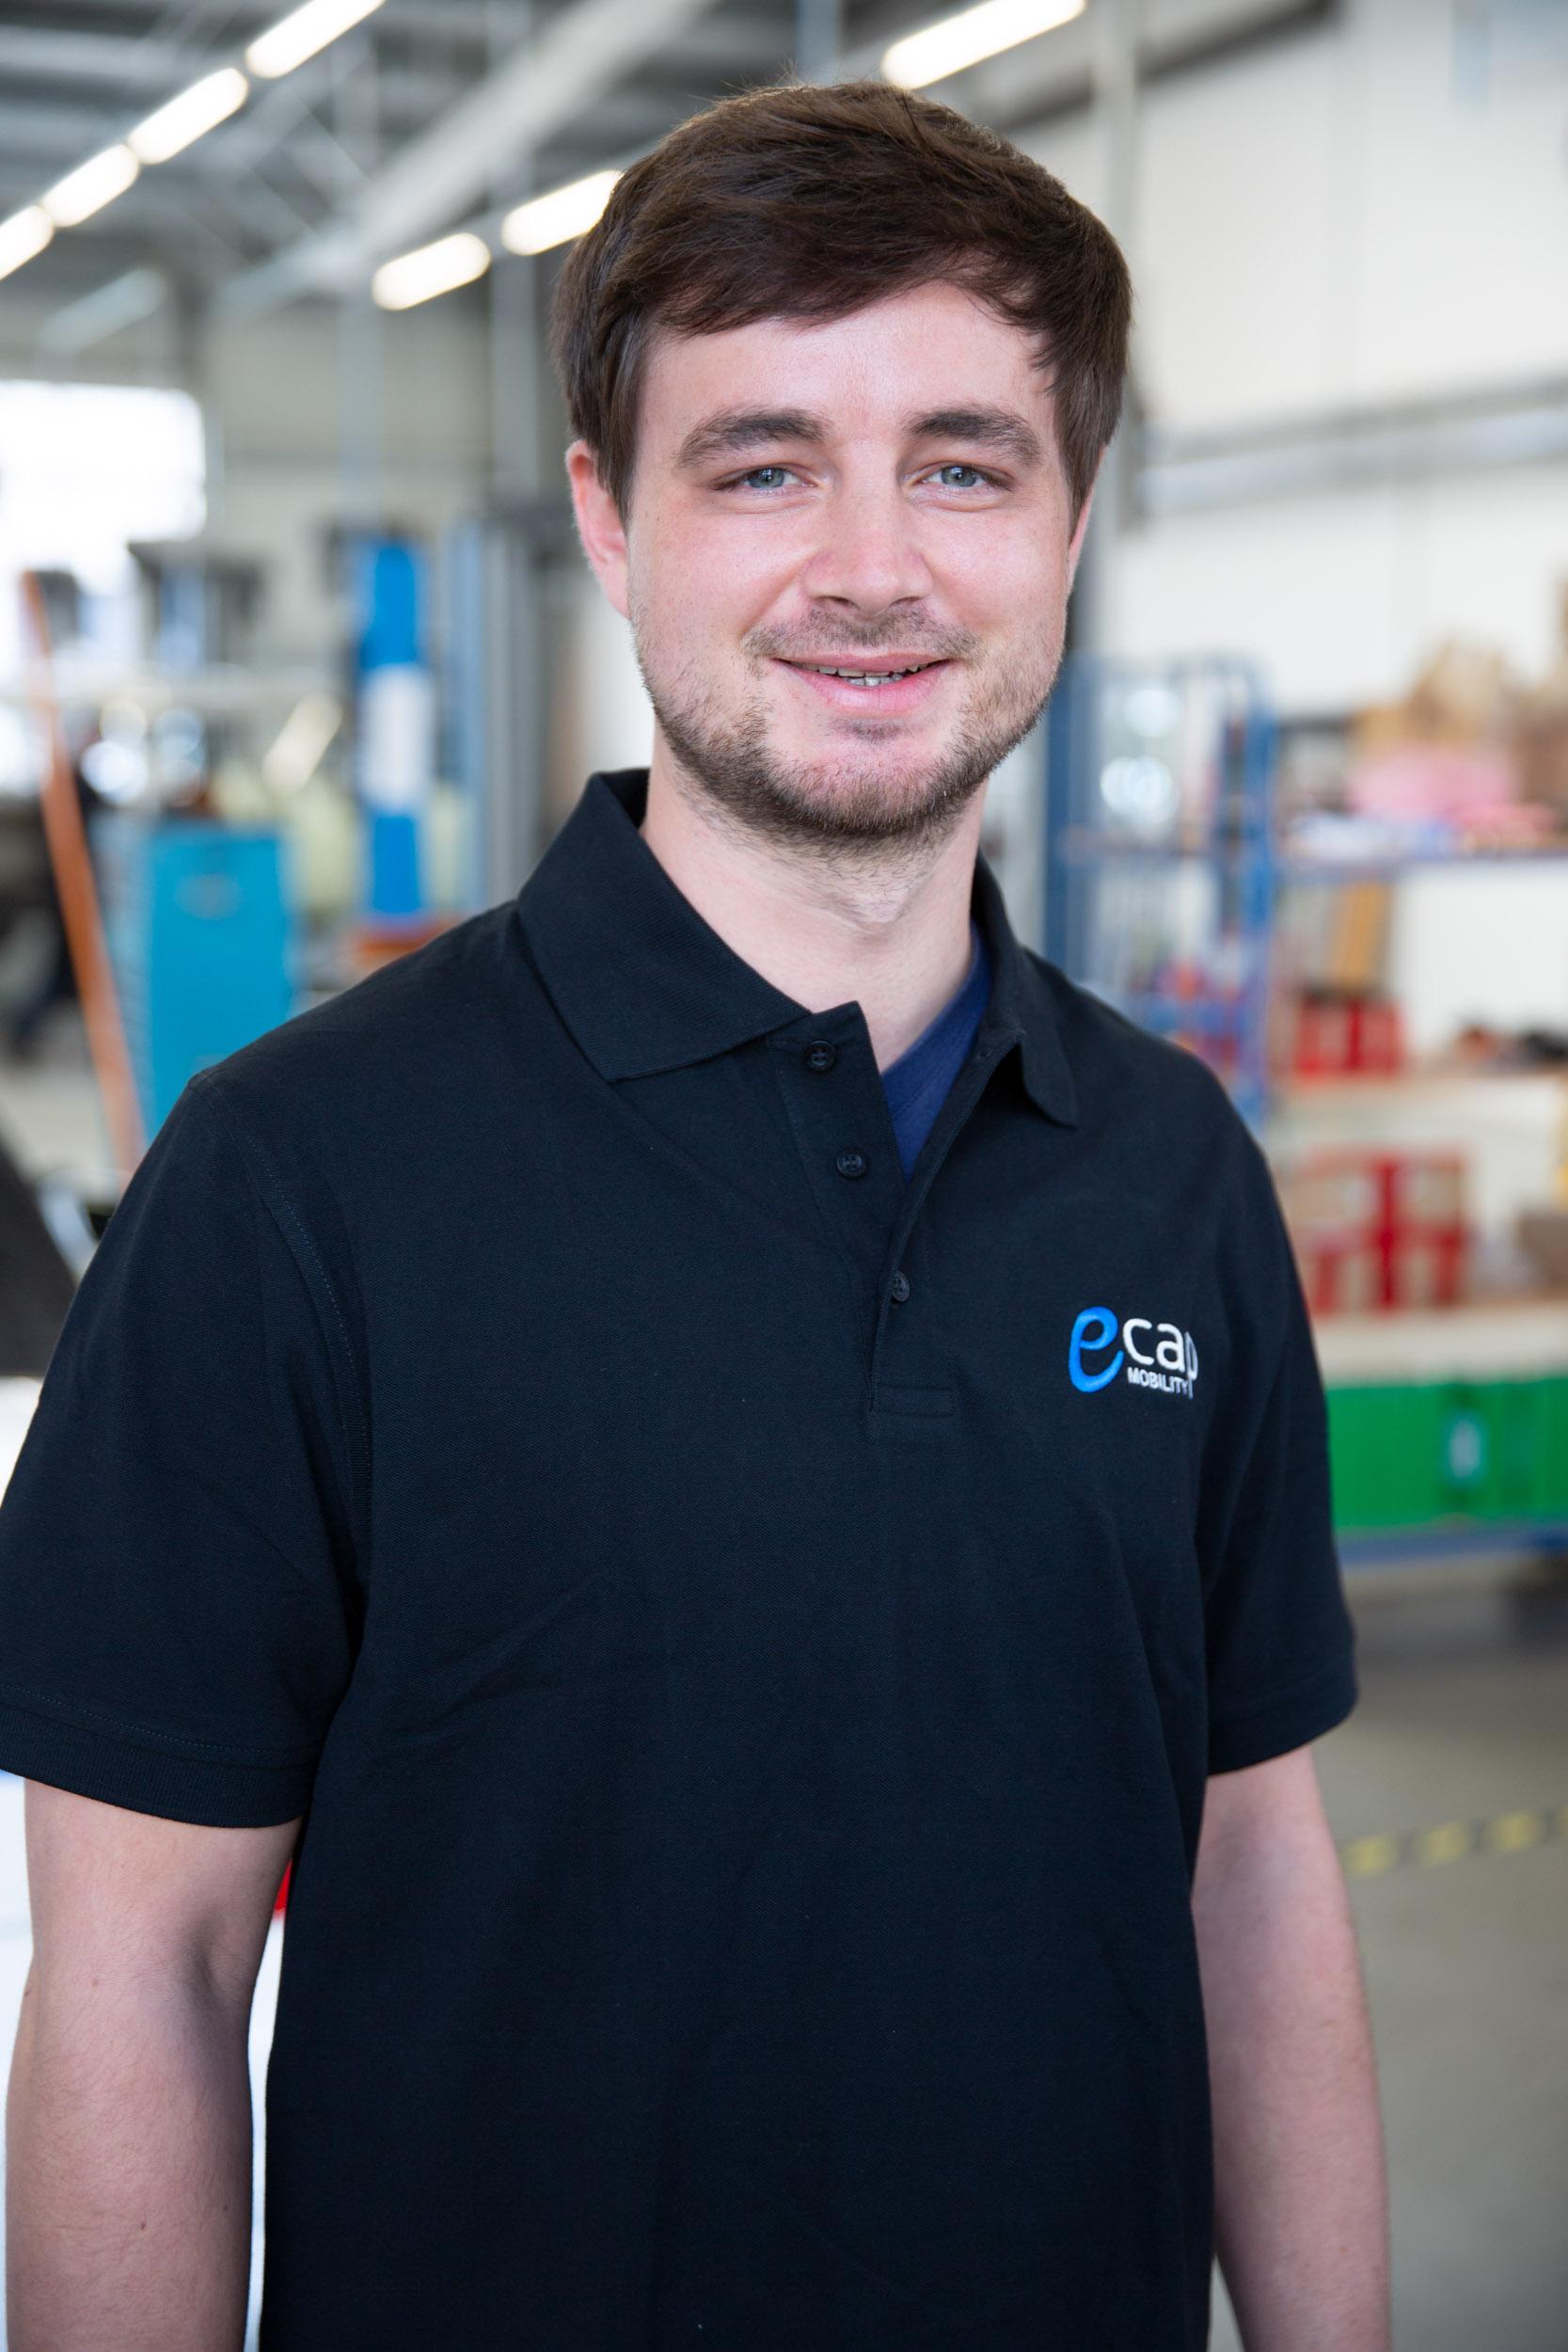 David Hotzel | Kfz-Meister  dho@ecap-mobility.com